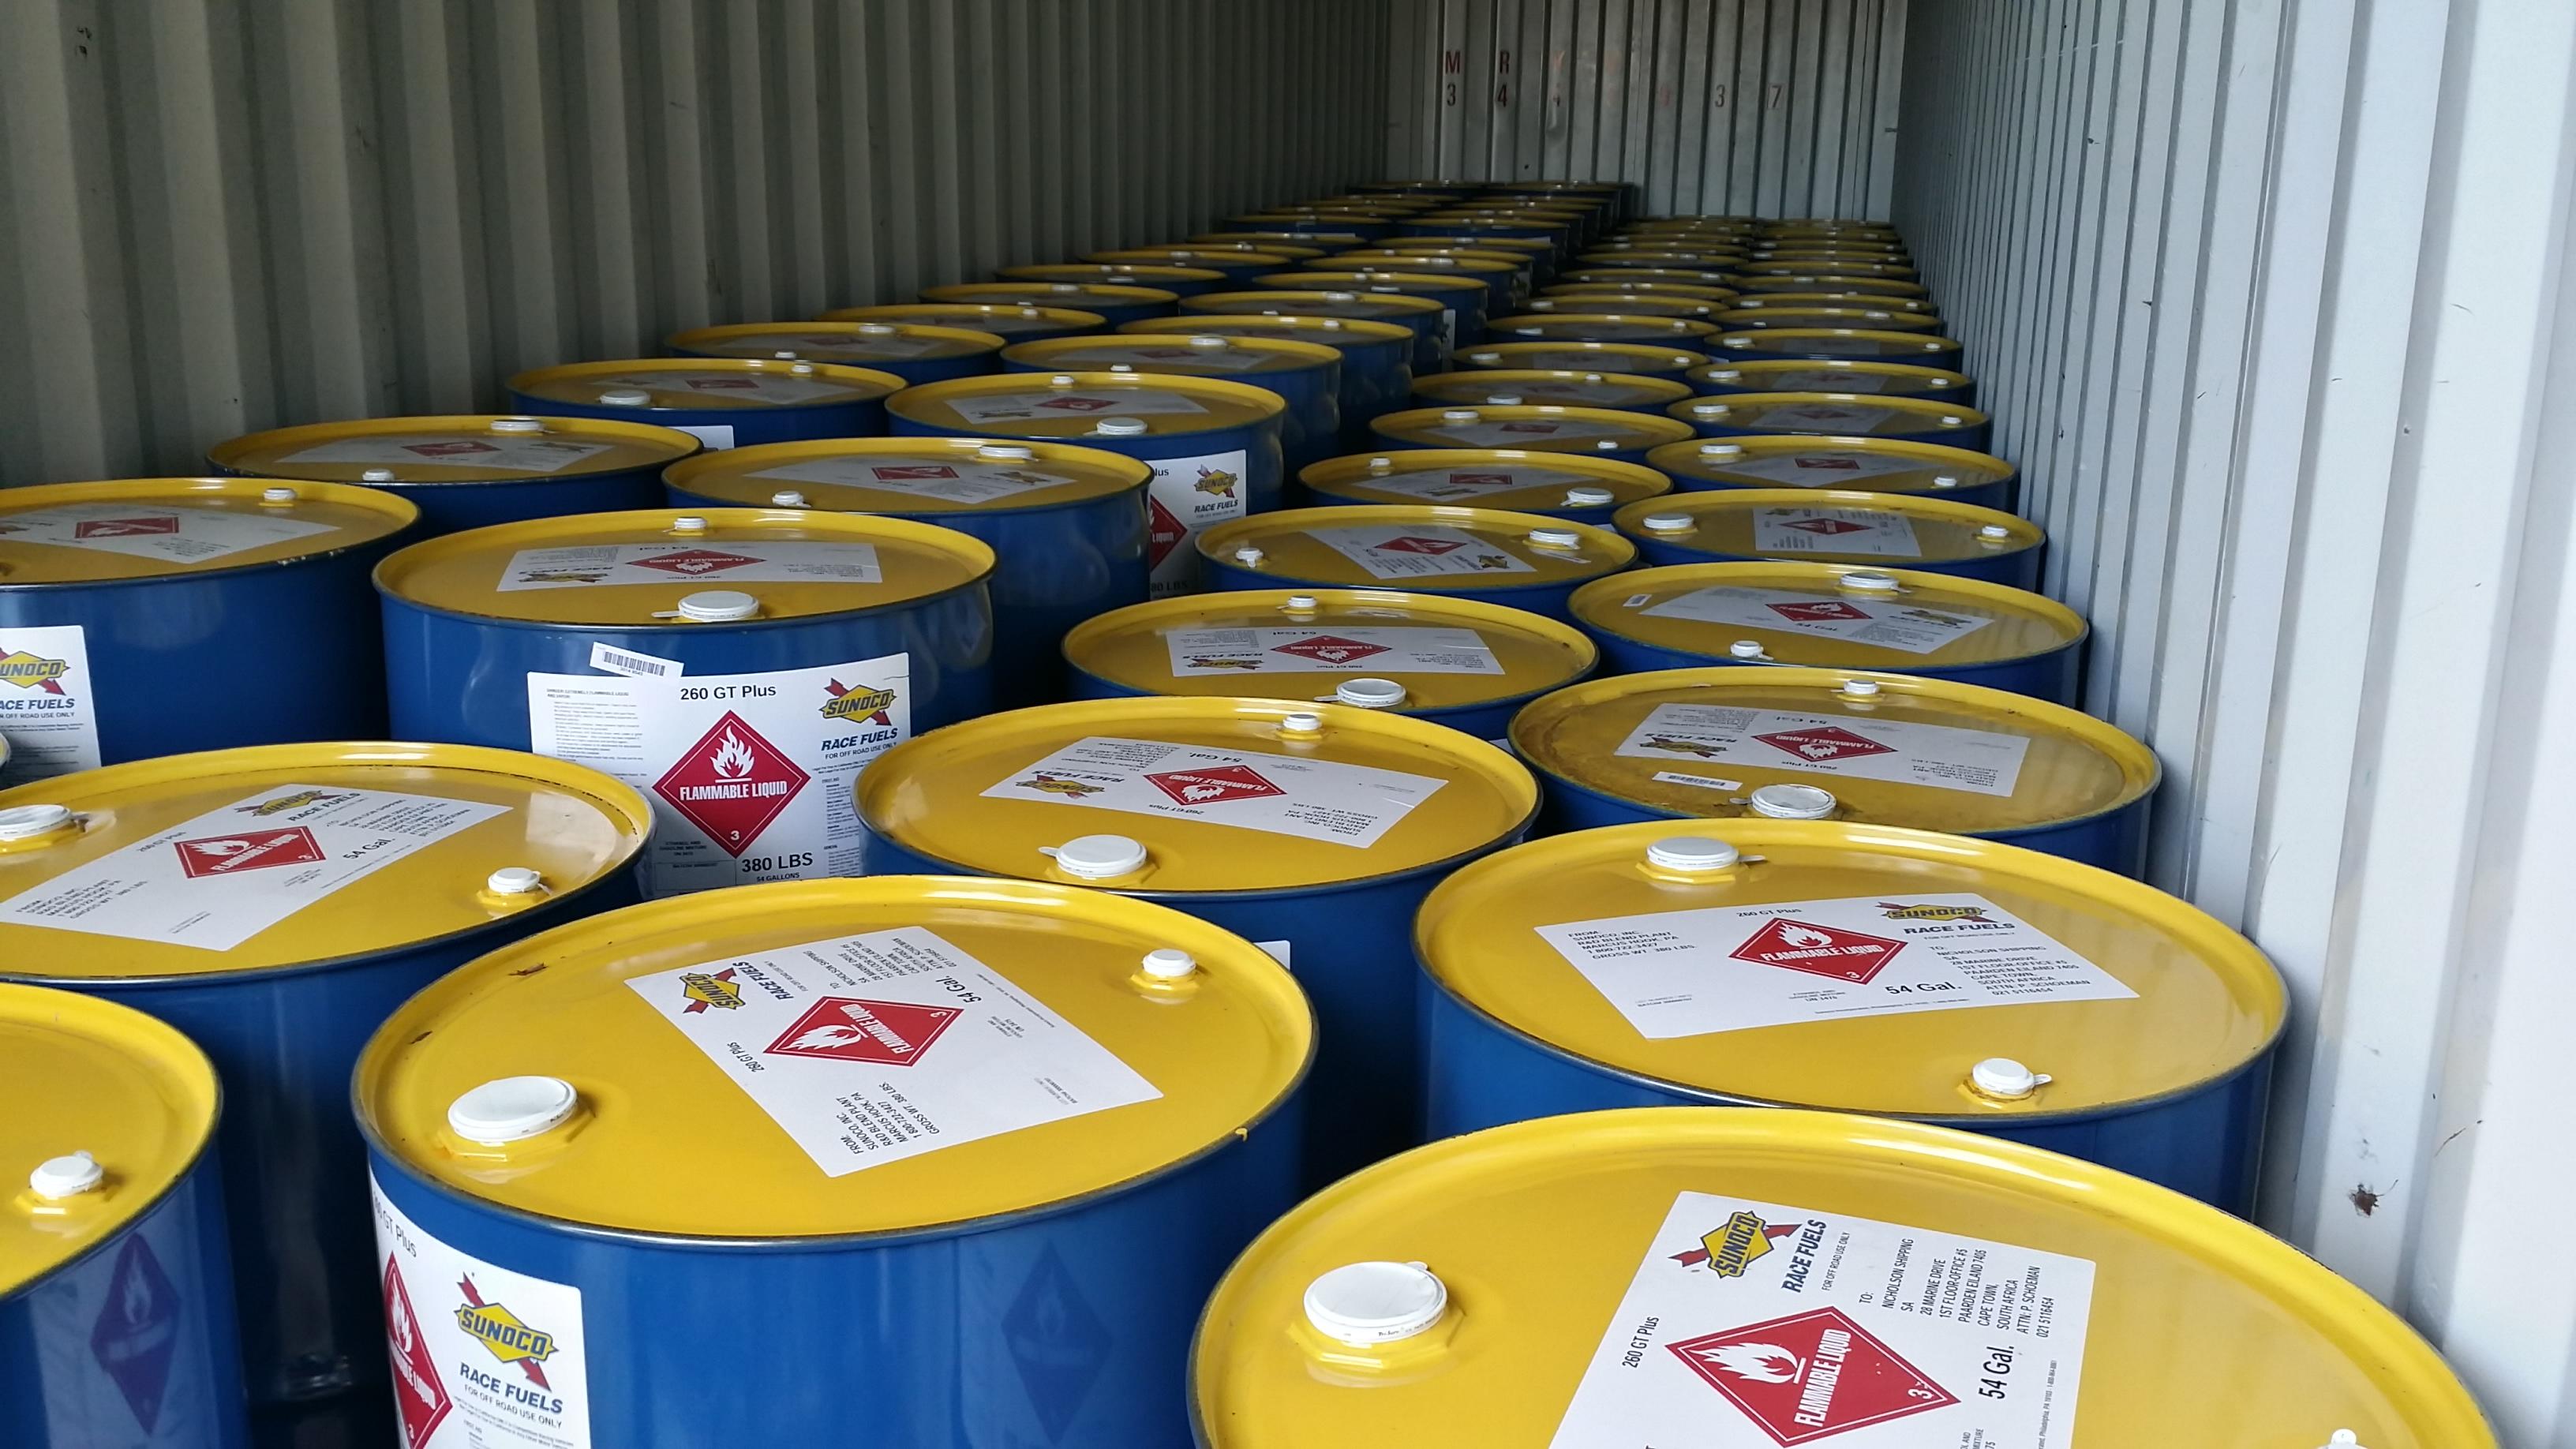 UN specification, UN spec, UN code, steel drum, steel, drum, 1A1, 1A2, hazmat, hazardous material, d